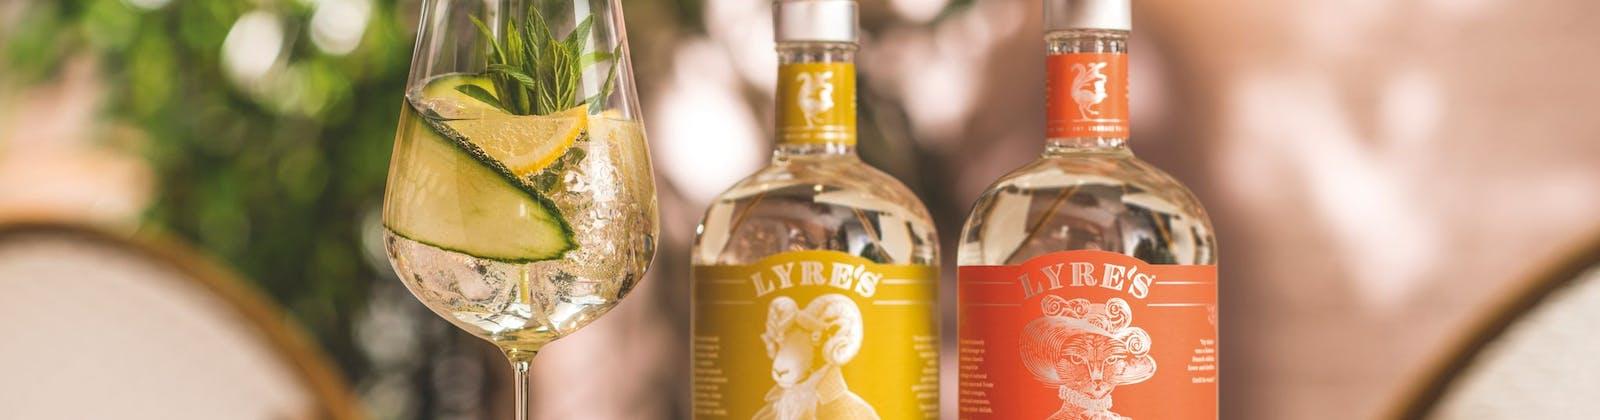 lyre's bianco spritz non-alcoholic